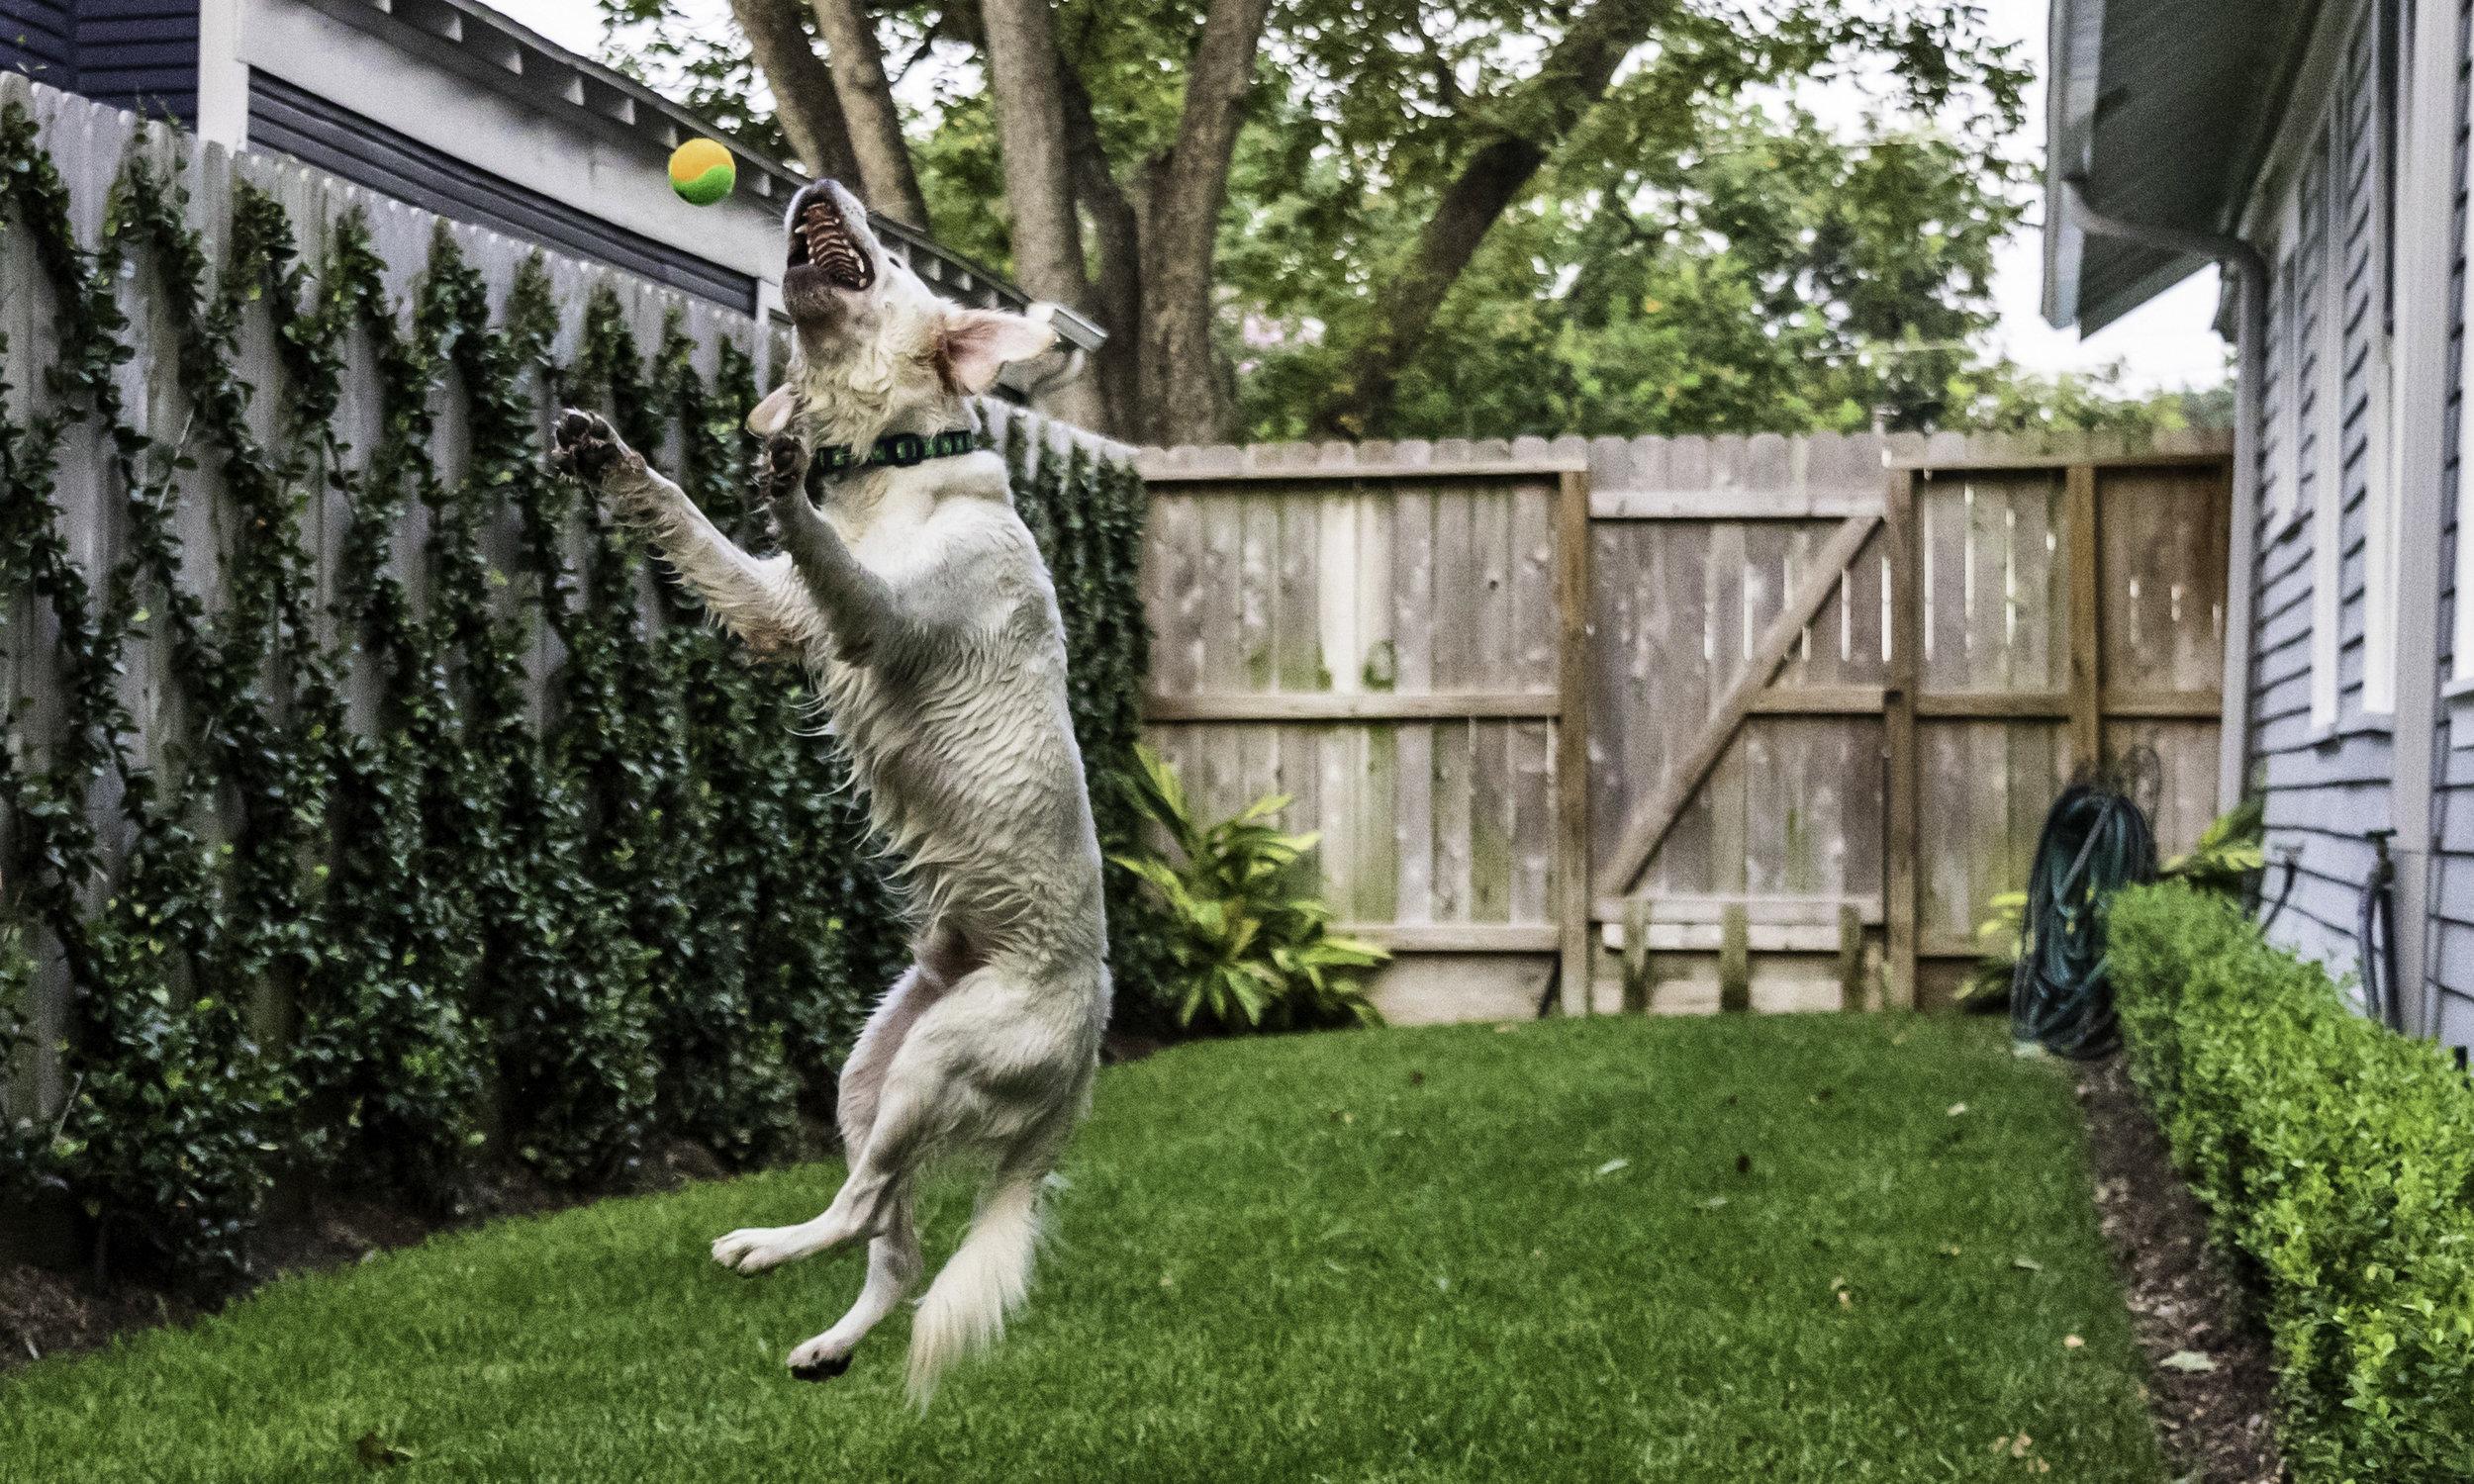 Stephanie Bennett Dog Puppy Training | Behavior Modification Potty Training | Houston TX_FC_9290 resized.jpg